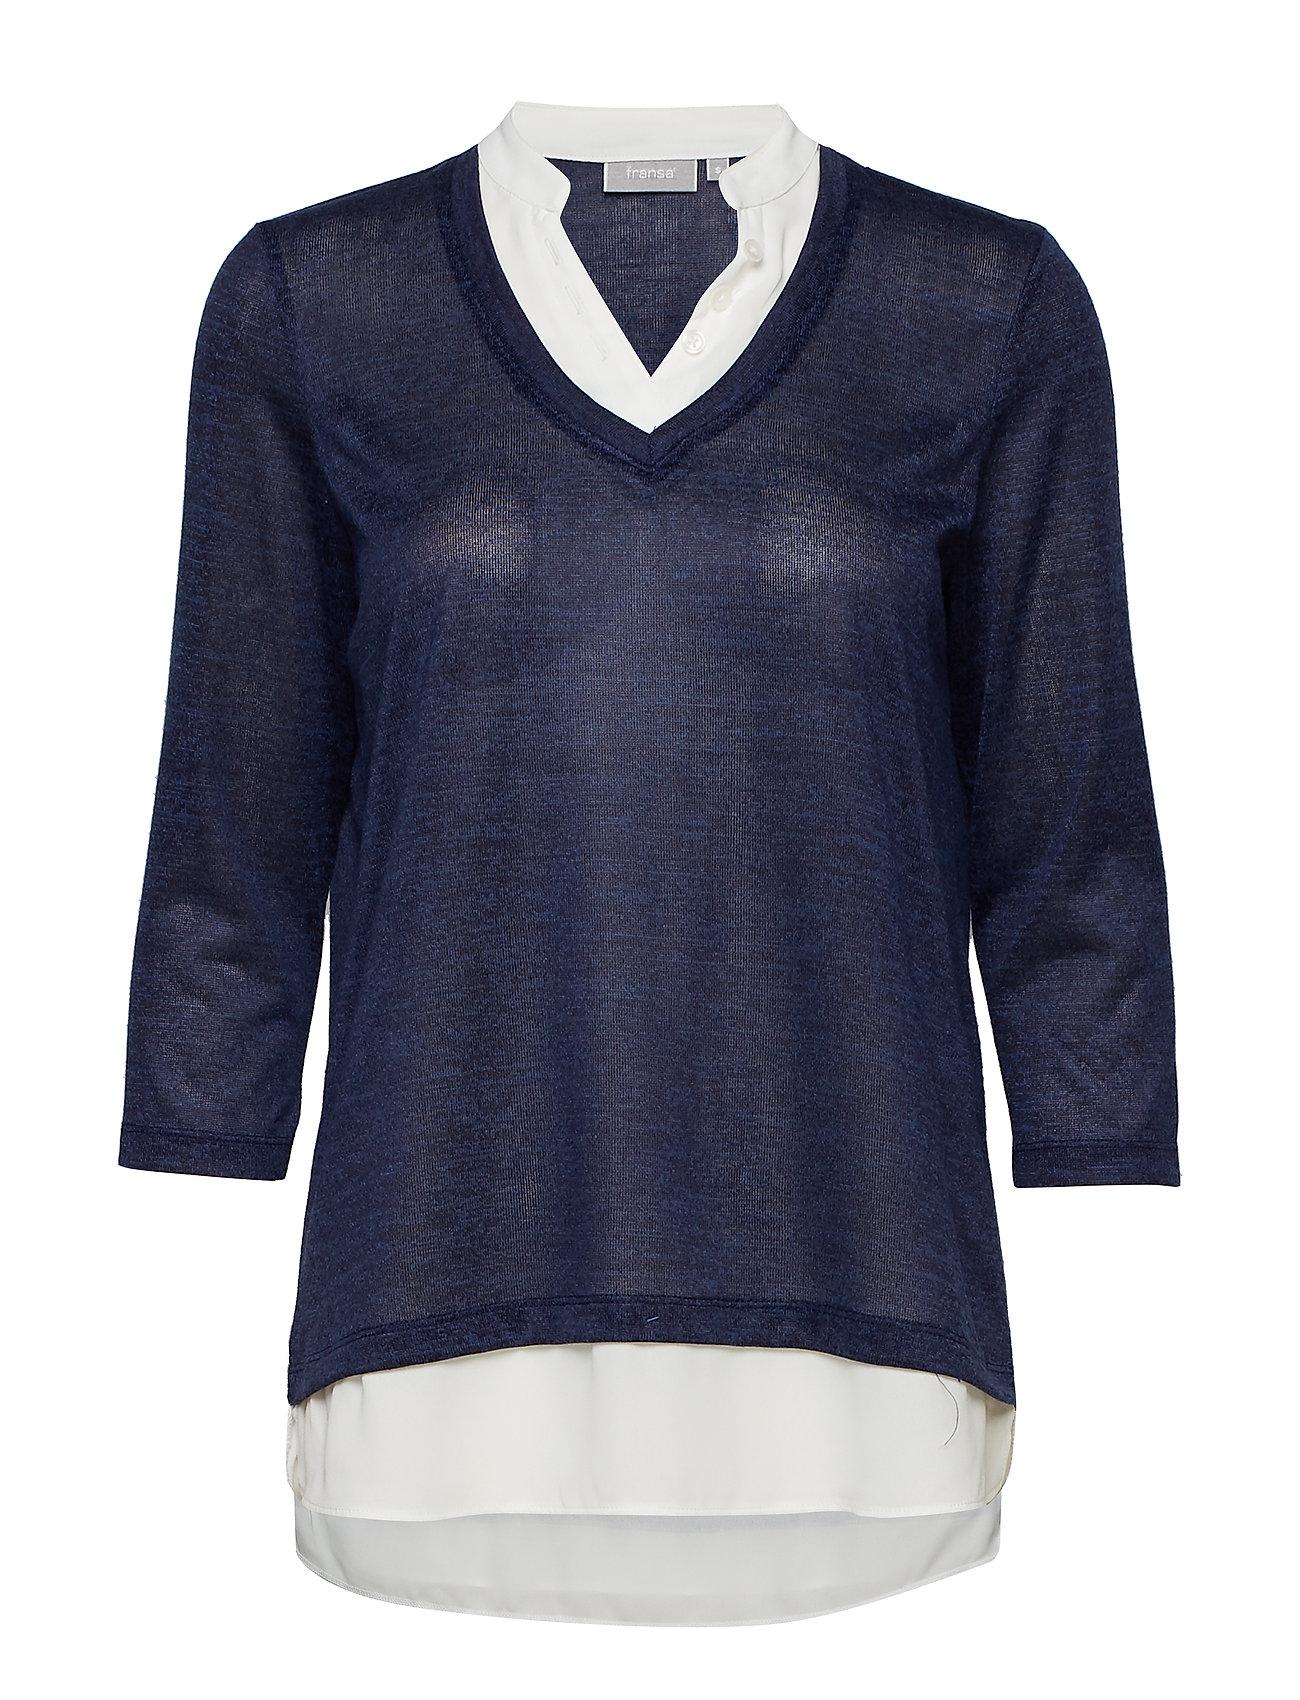 Frcipirexa 1 T Shirt Langærmet Skjorte Blå FRANSA